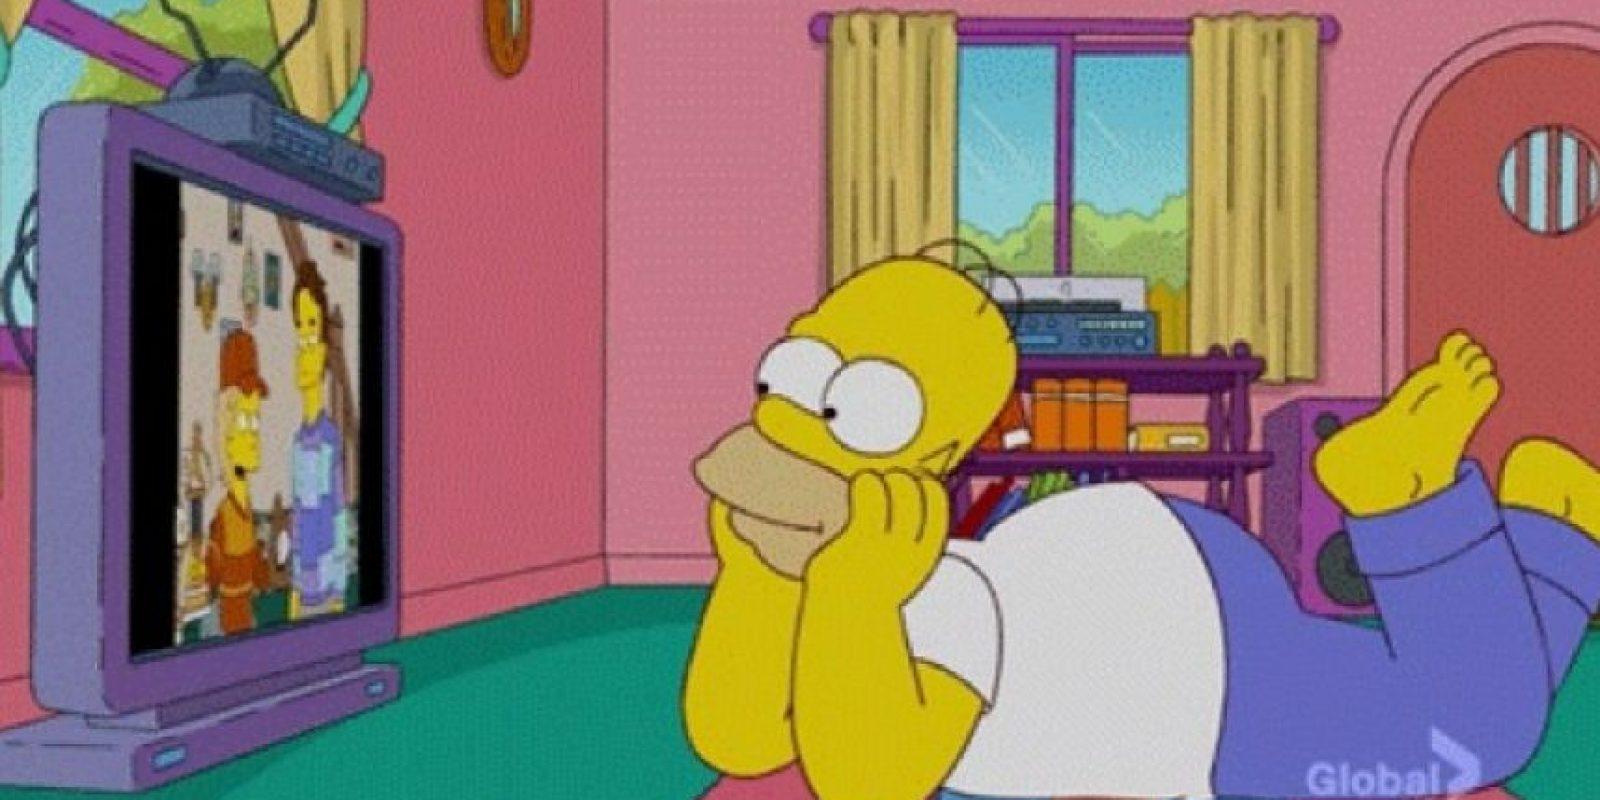 3. Espiar a parejas en la intimidad es aceptable Foto:Tumblr.com/Simpsons